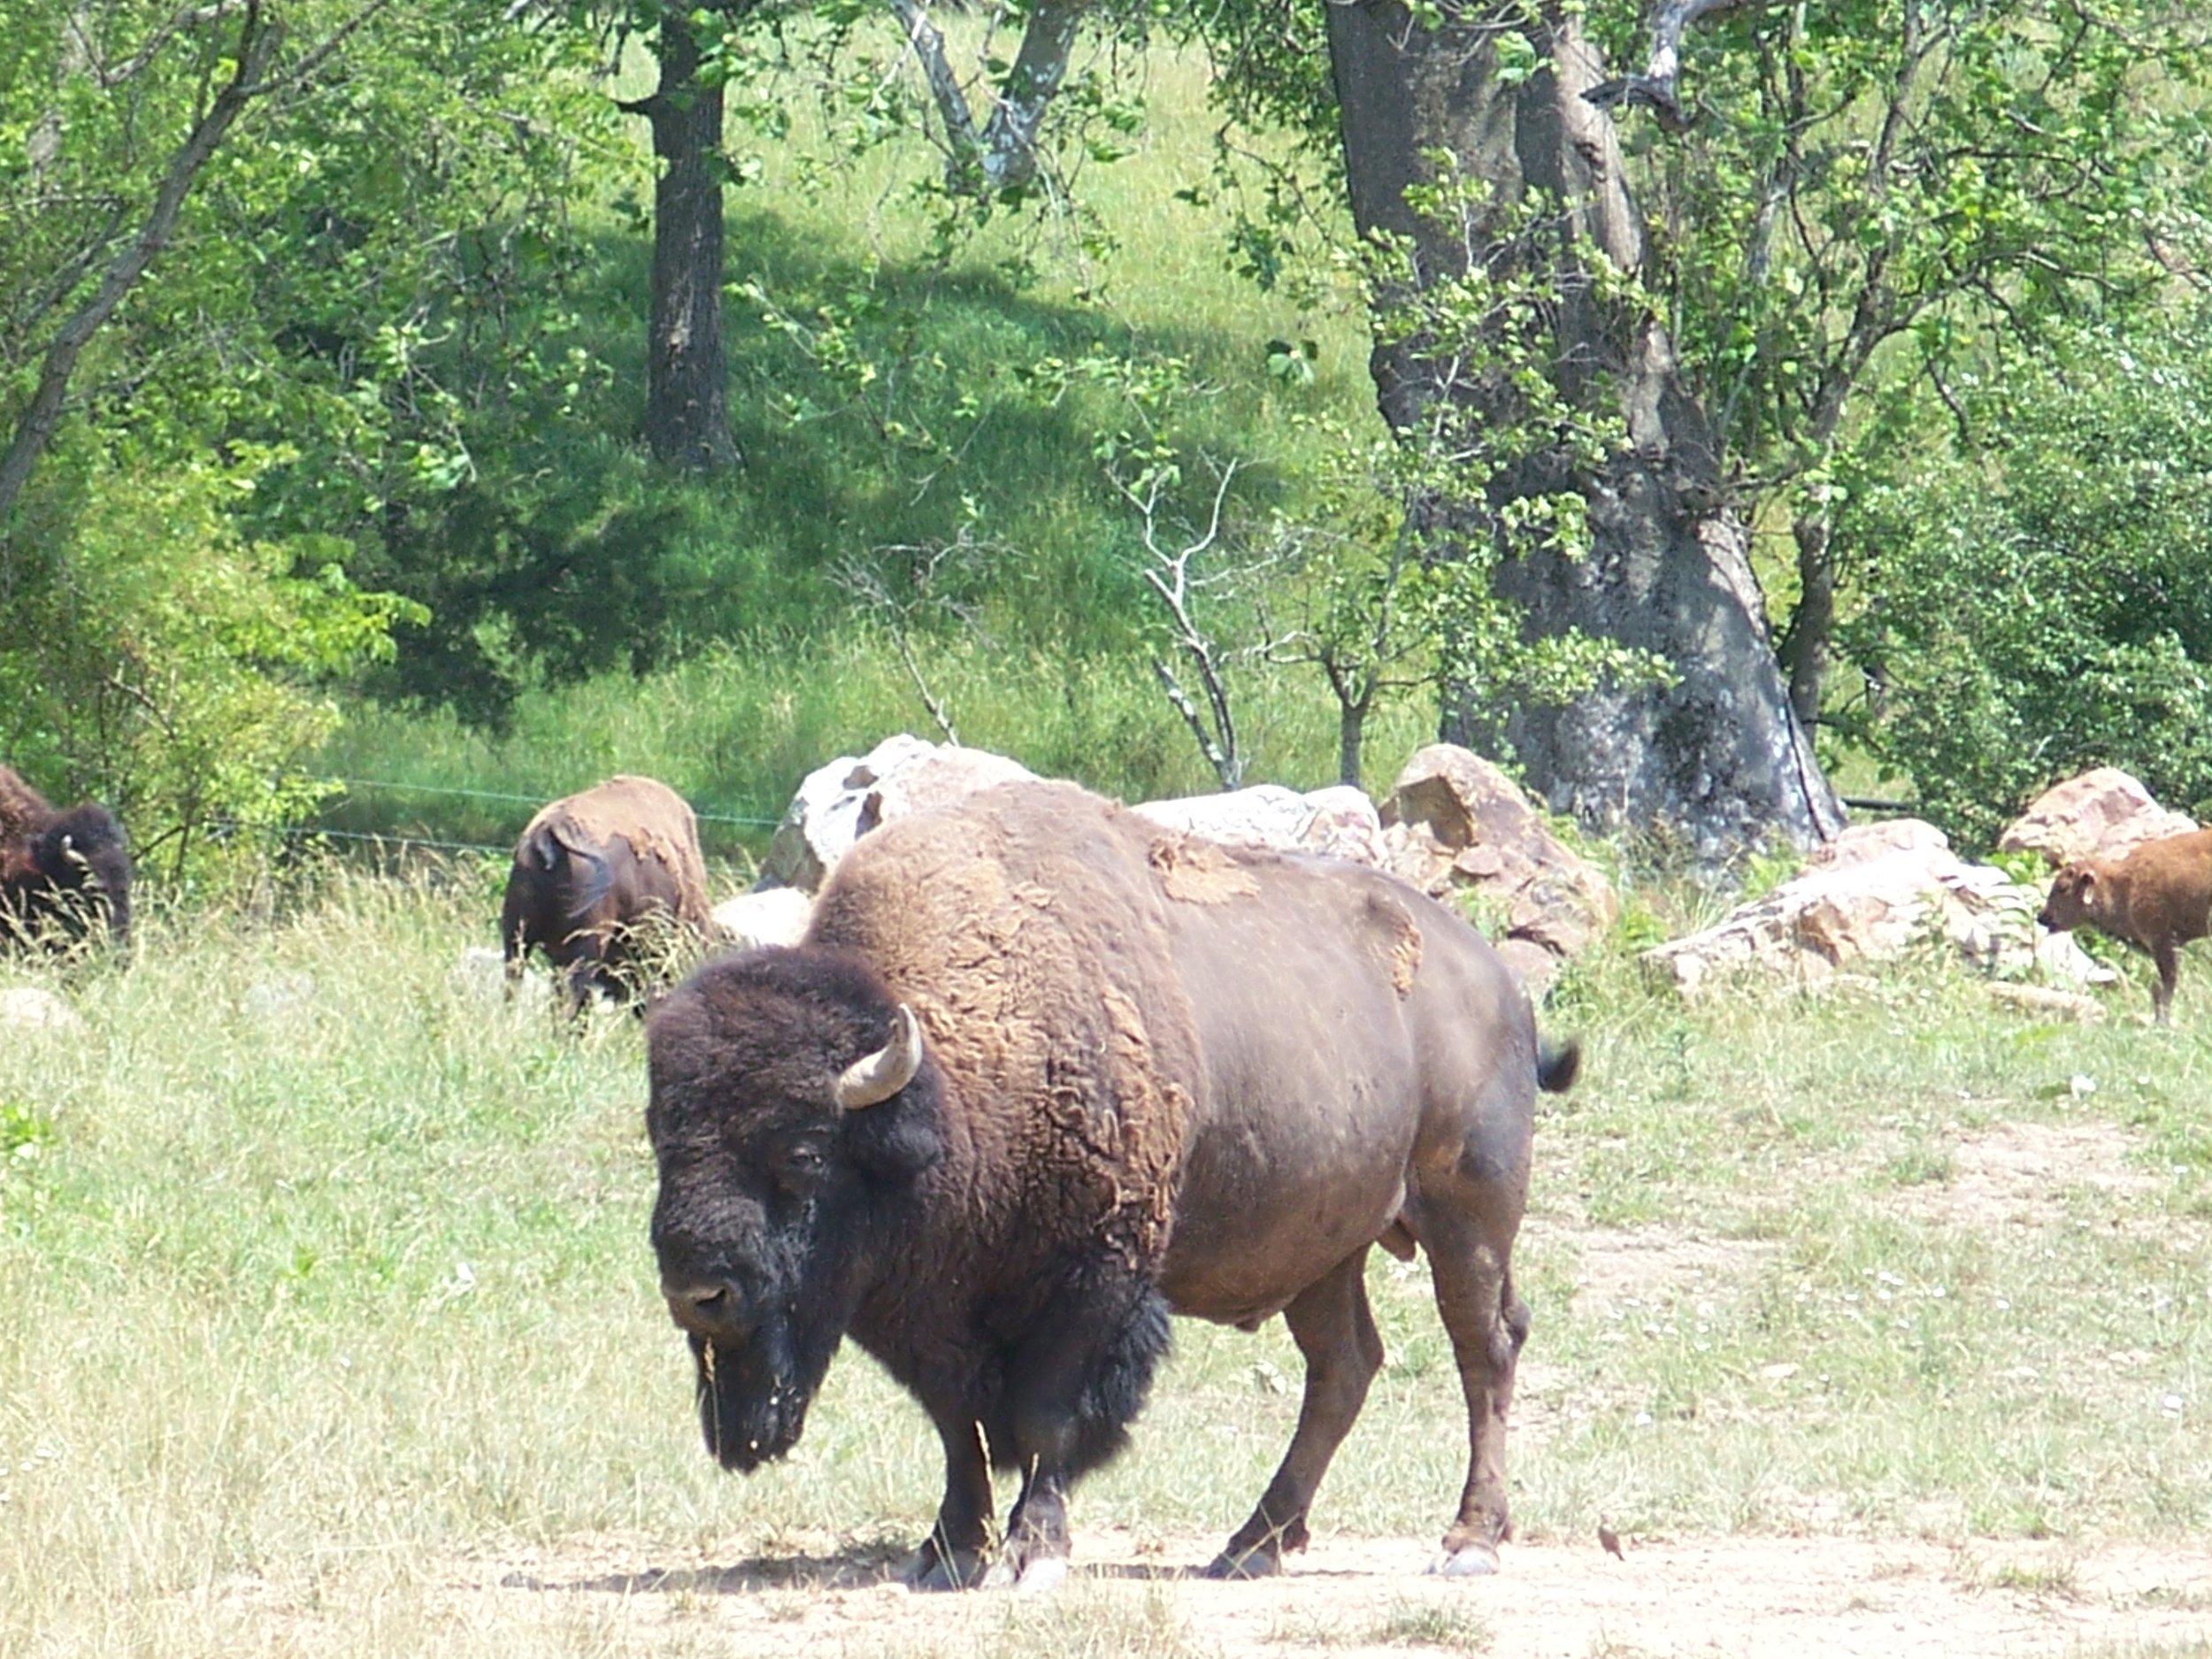 S4 Hollow Hill Farm Buffaloes near ALT - By Doug Wood